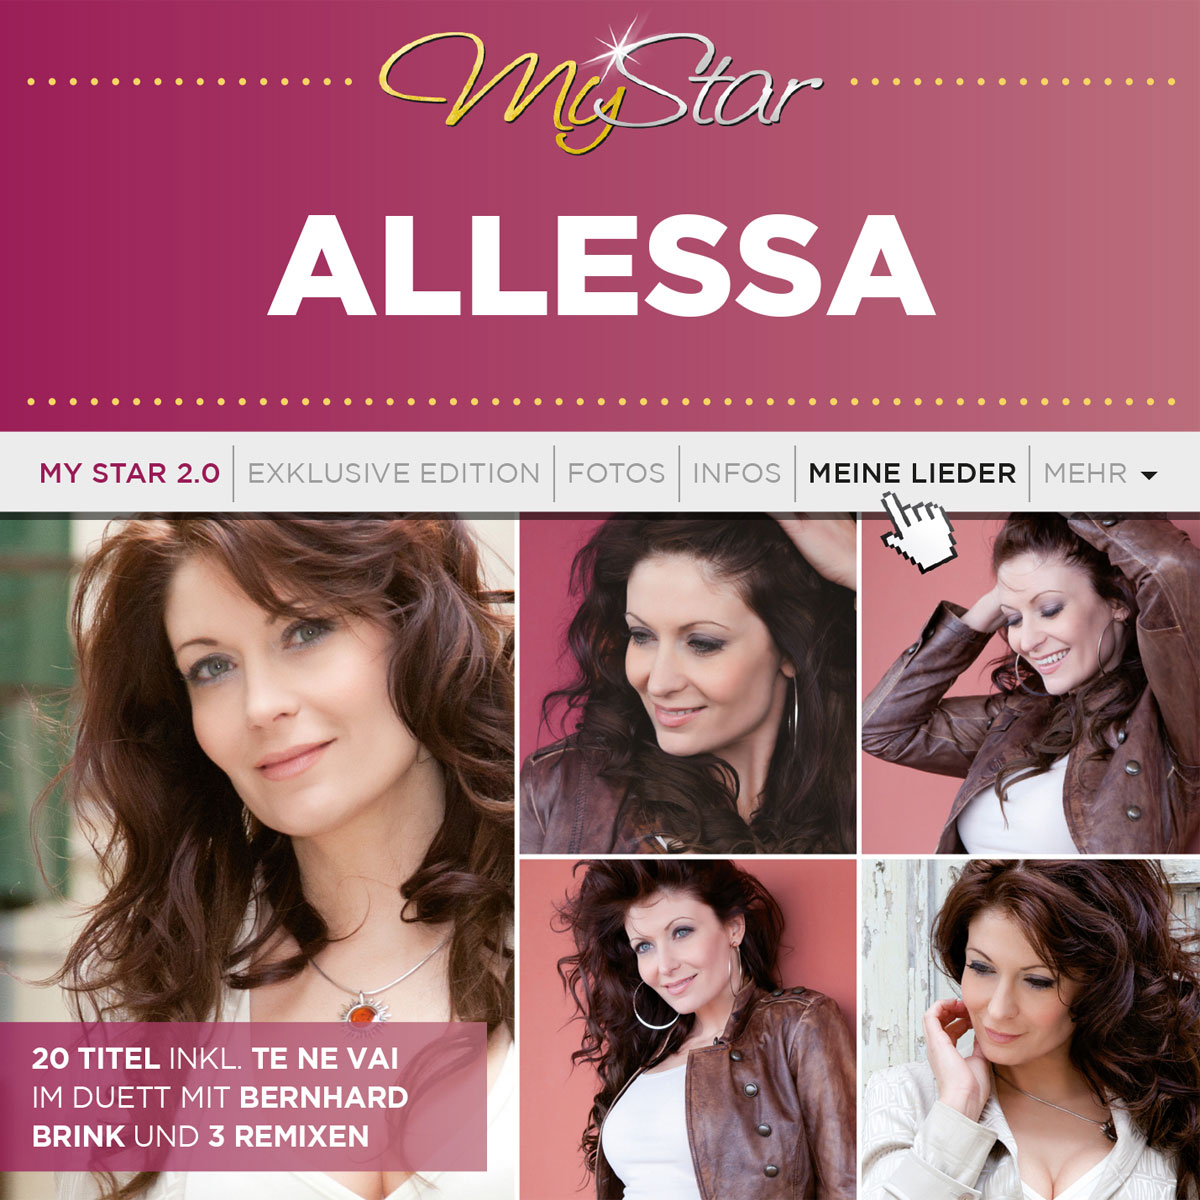 ALLESSA - MY STAR